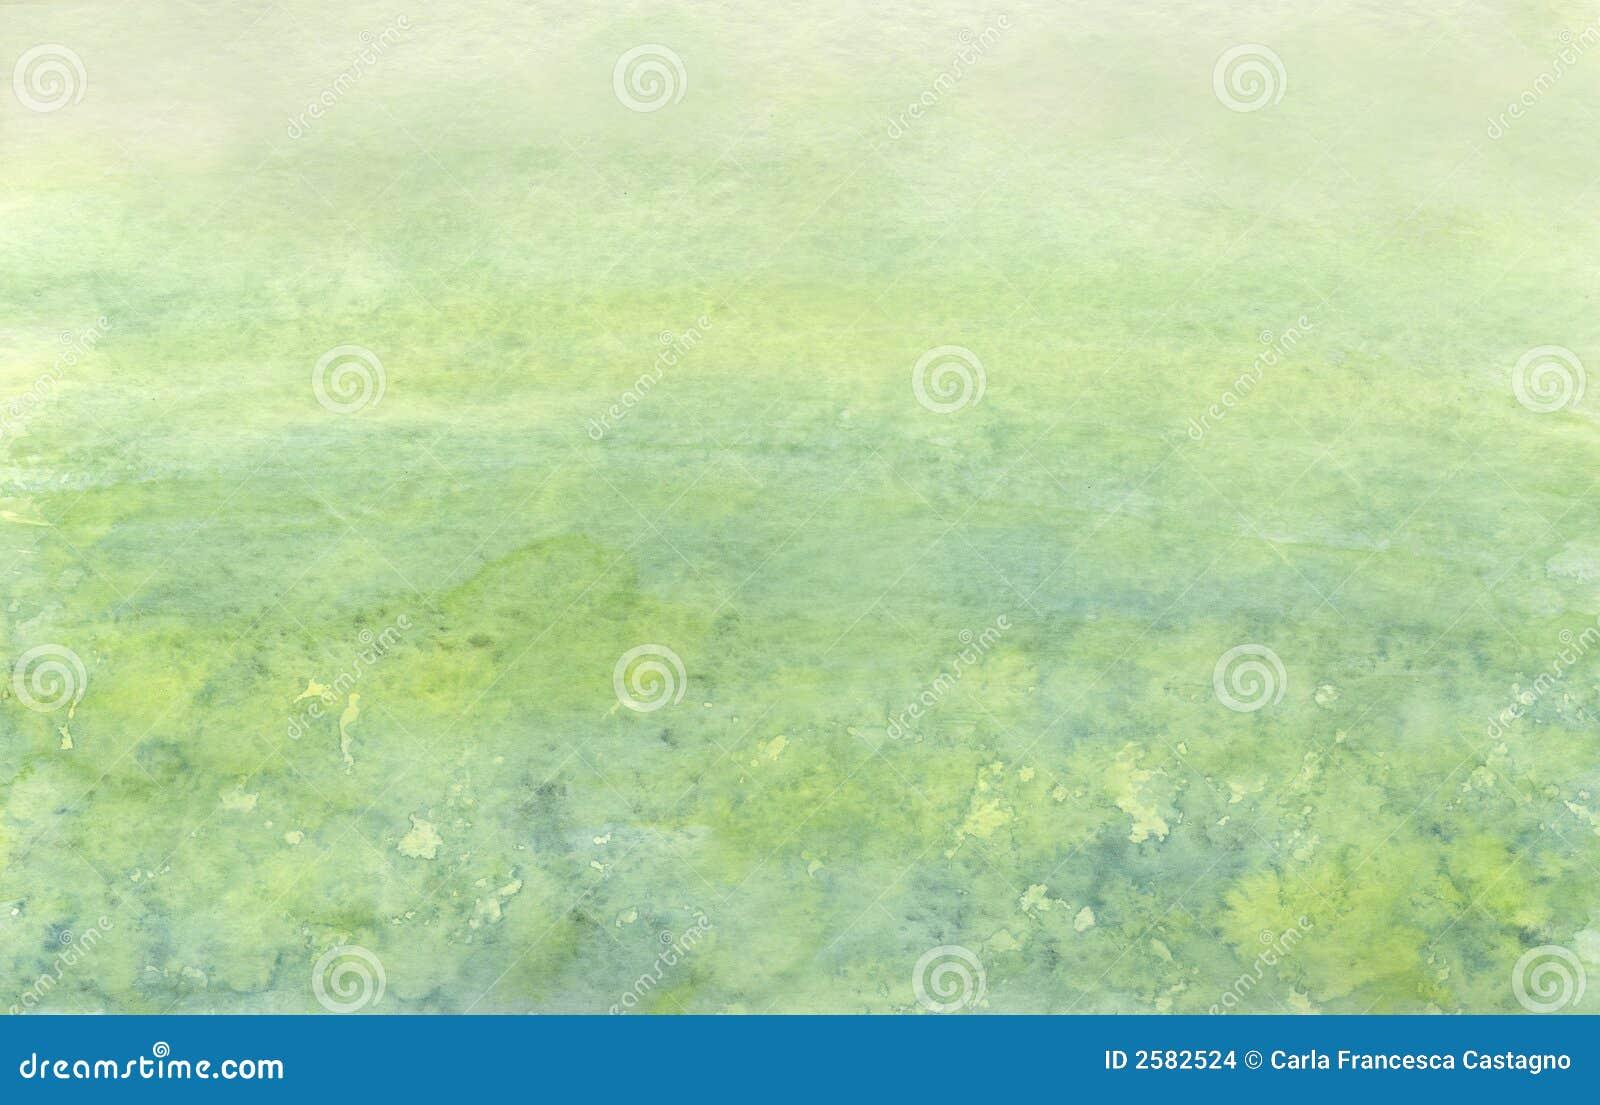 抽象背景水彩